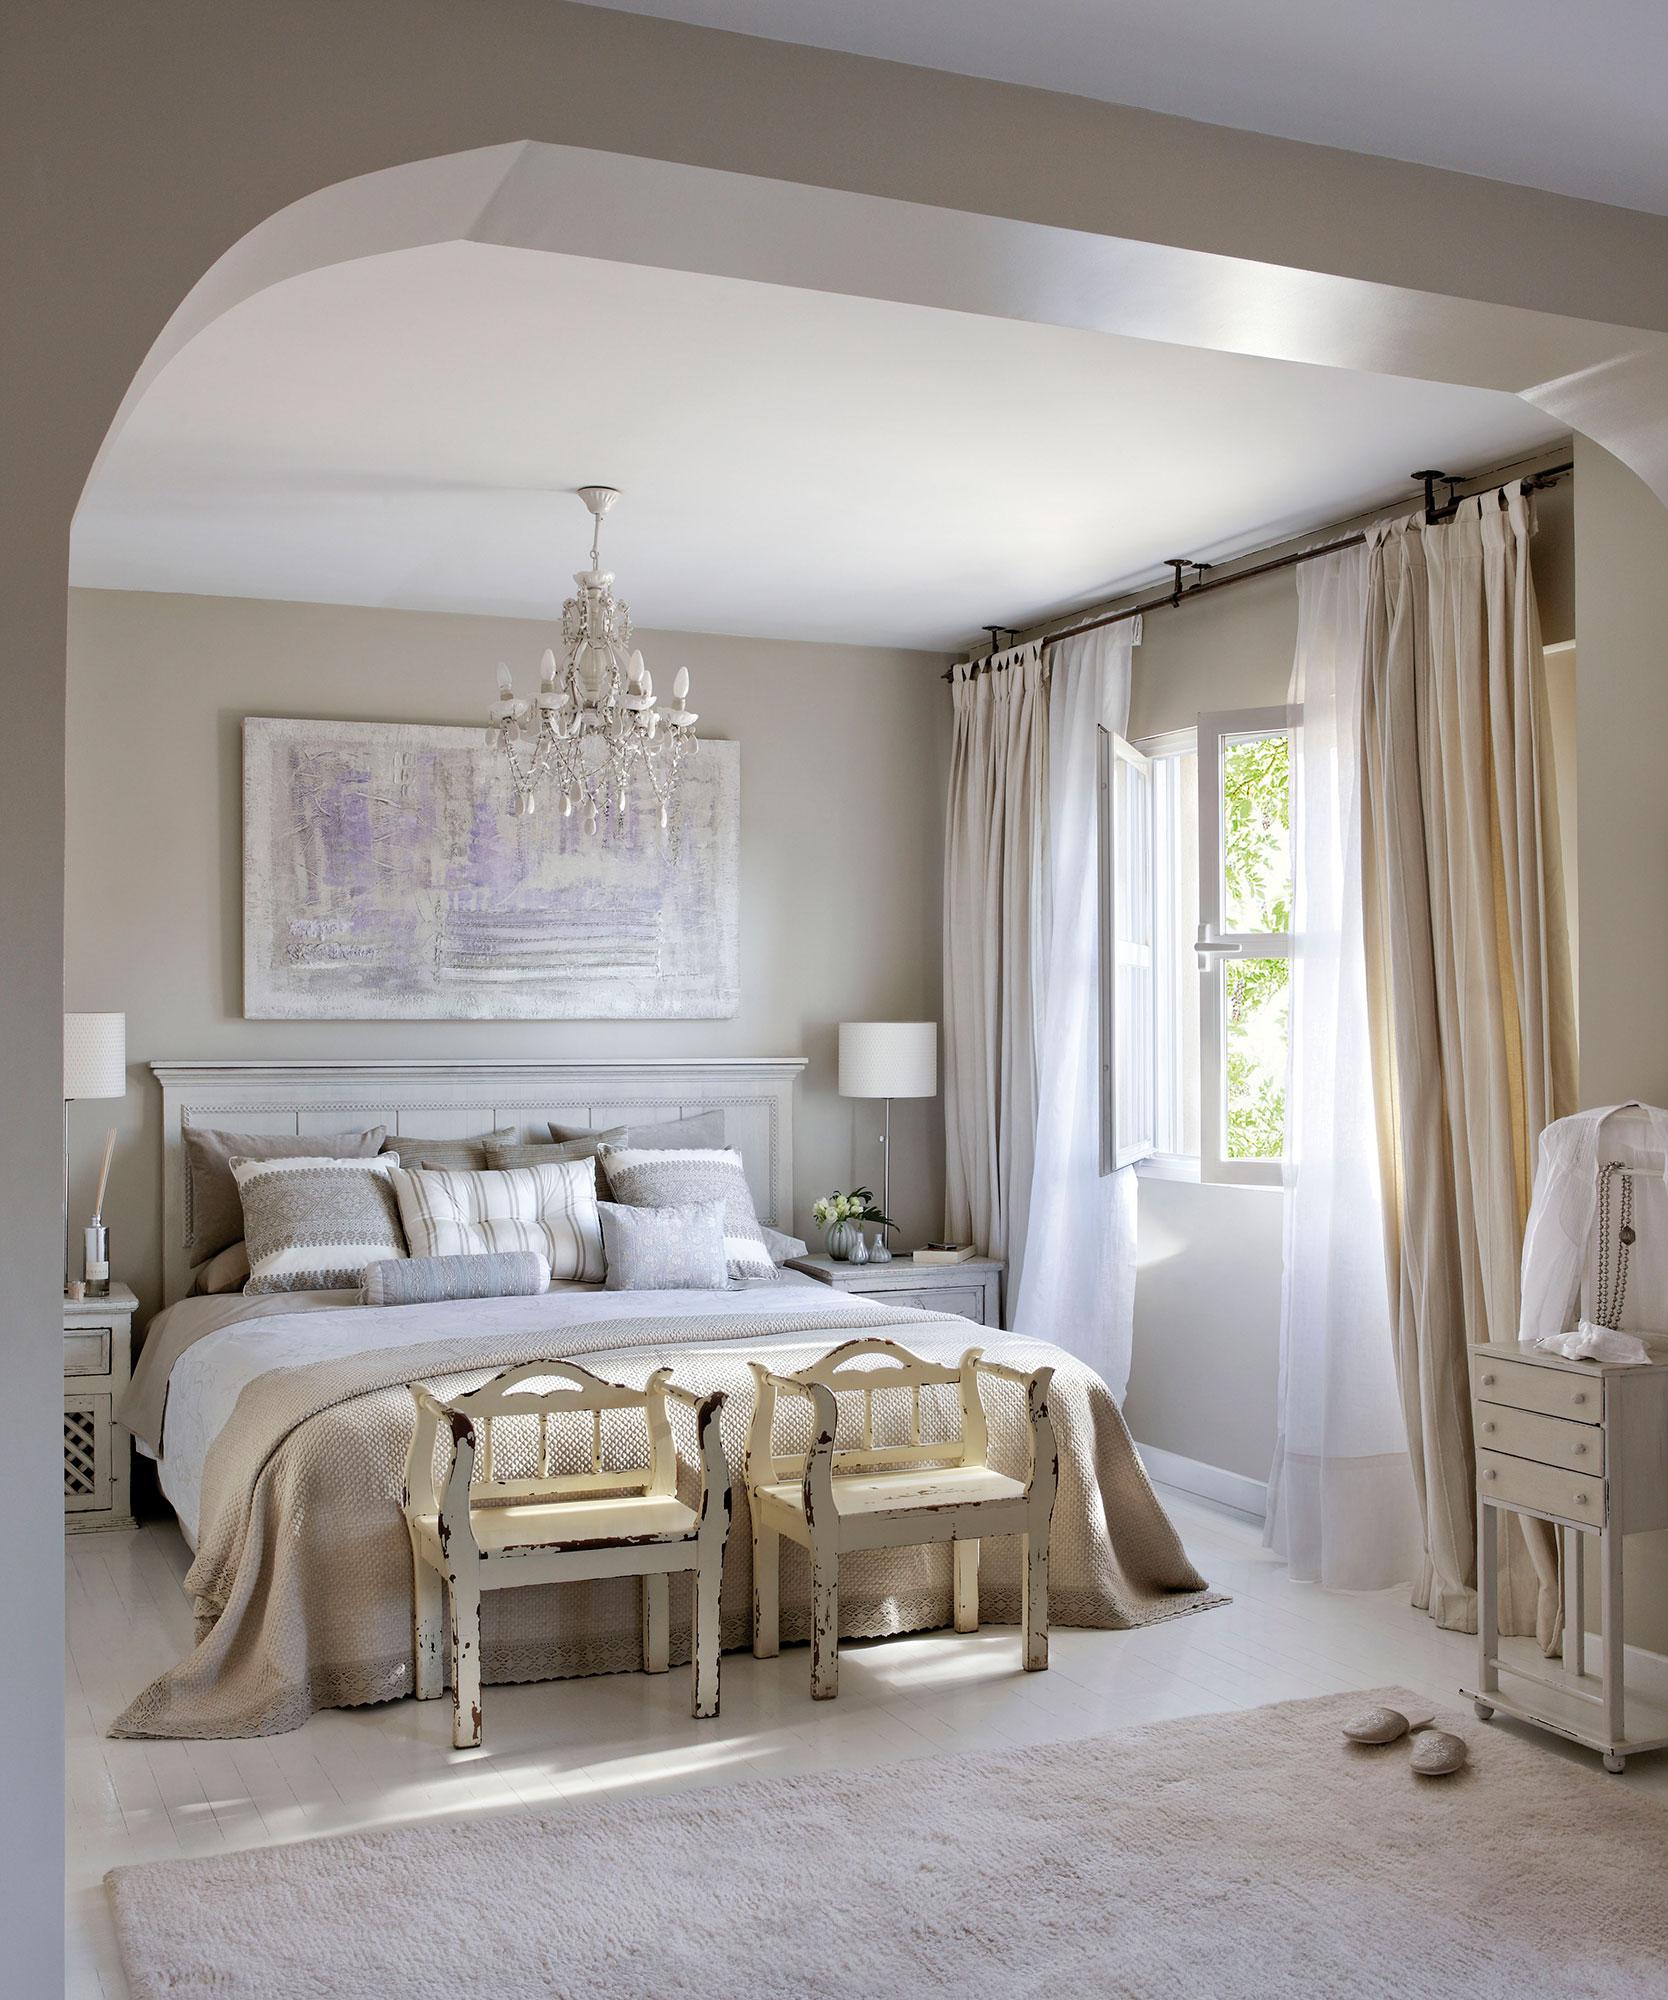 30 ideas para renovar tu casa con un bajo presupuesto for Tonos grises para dormitorio